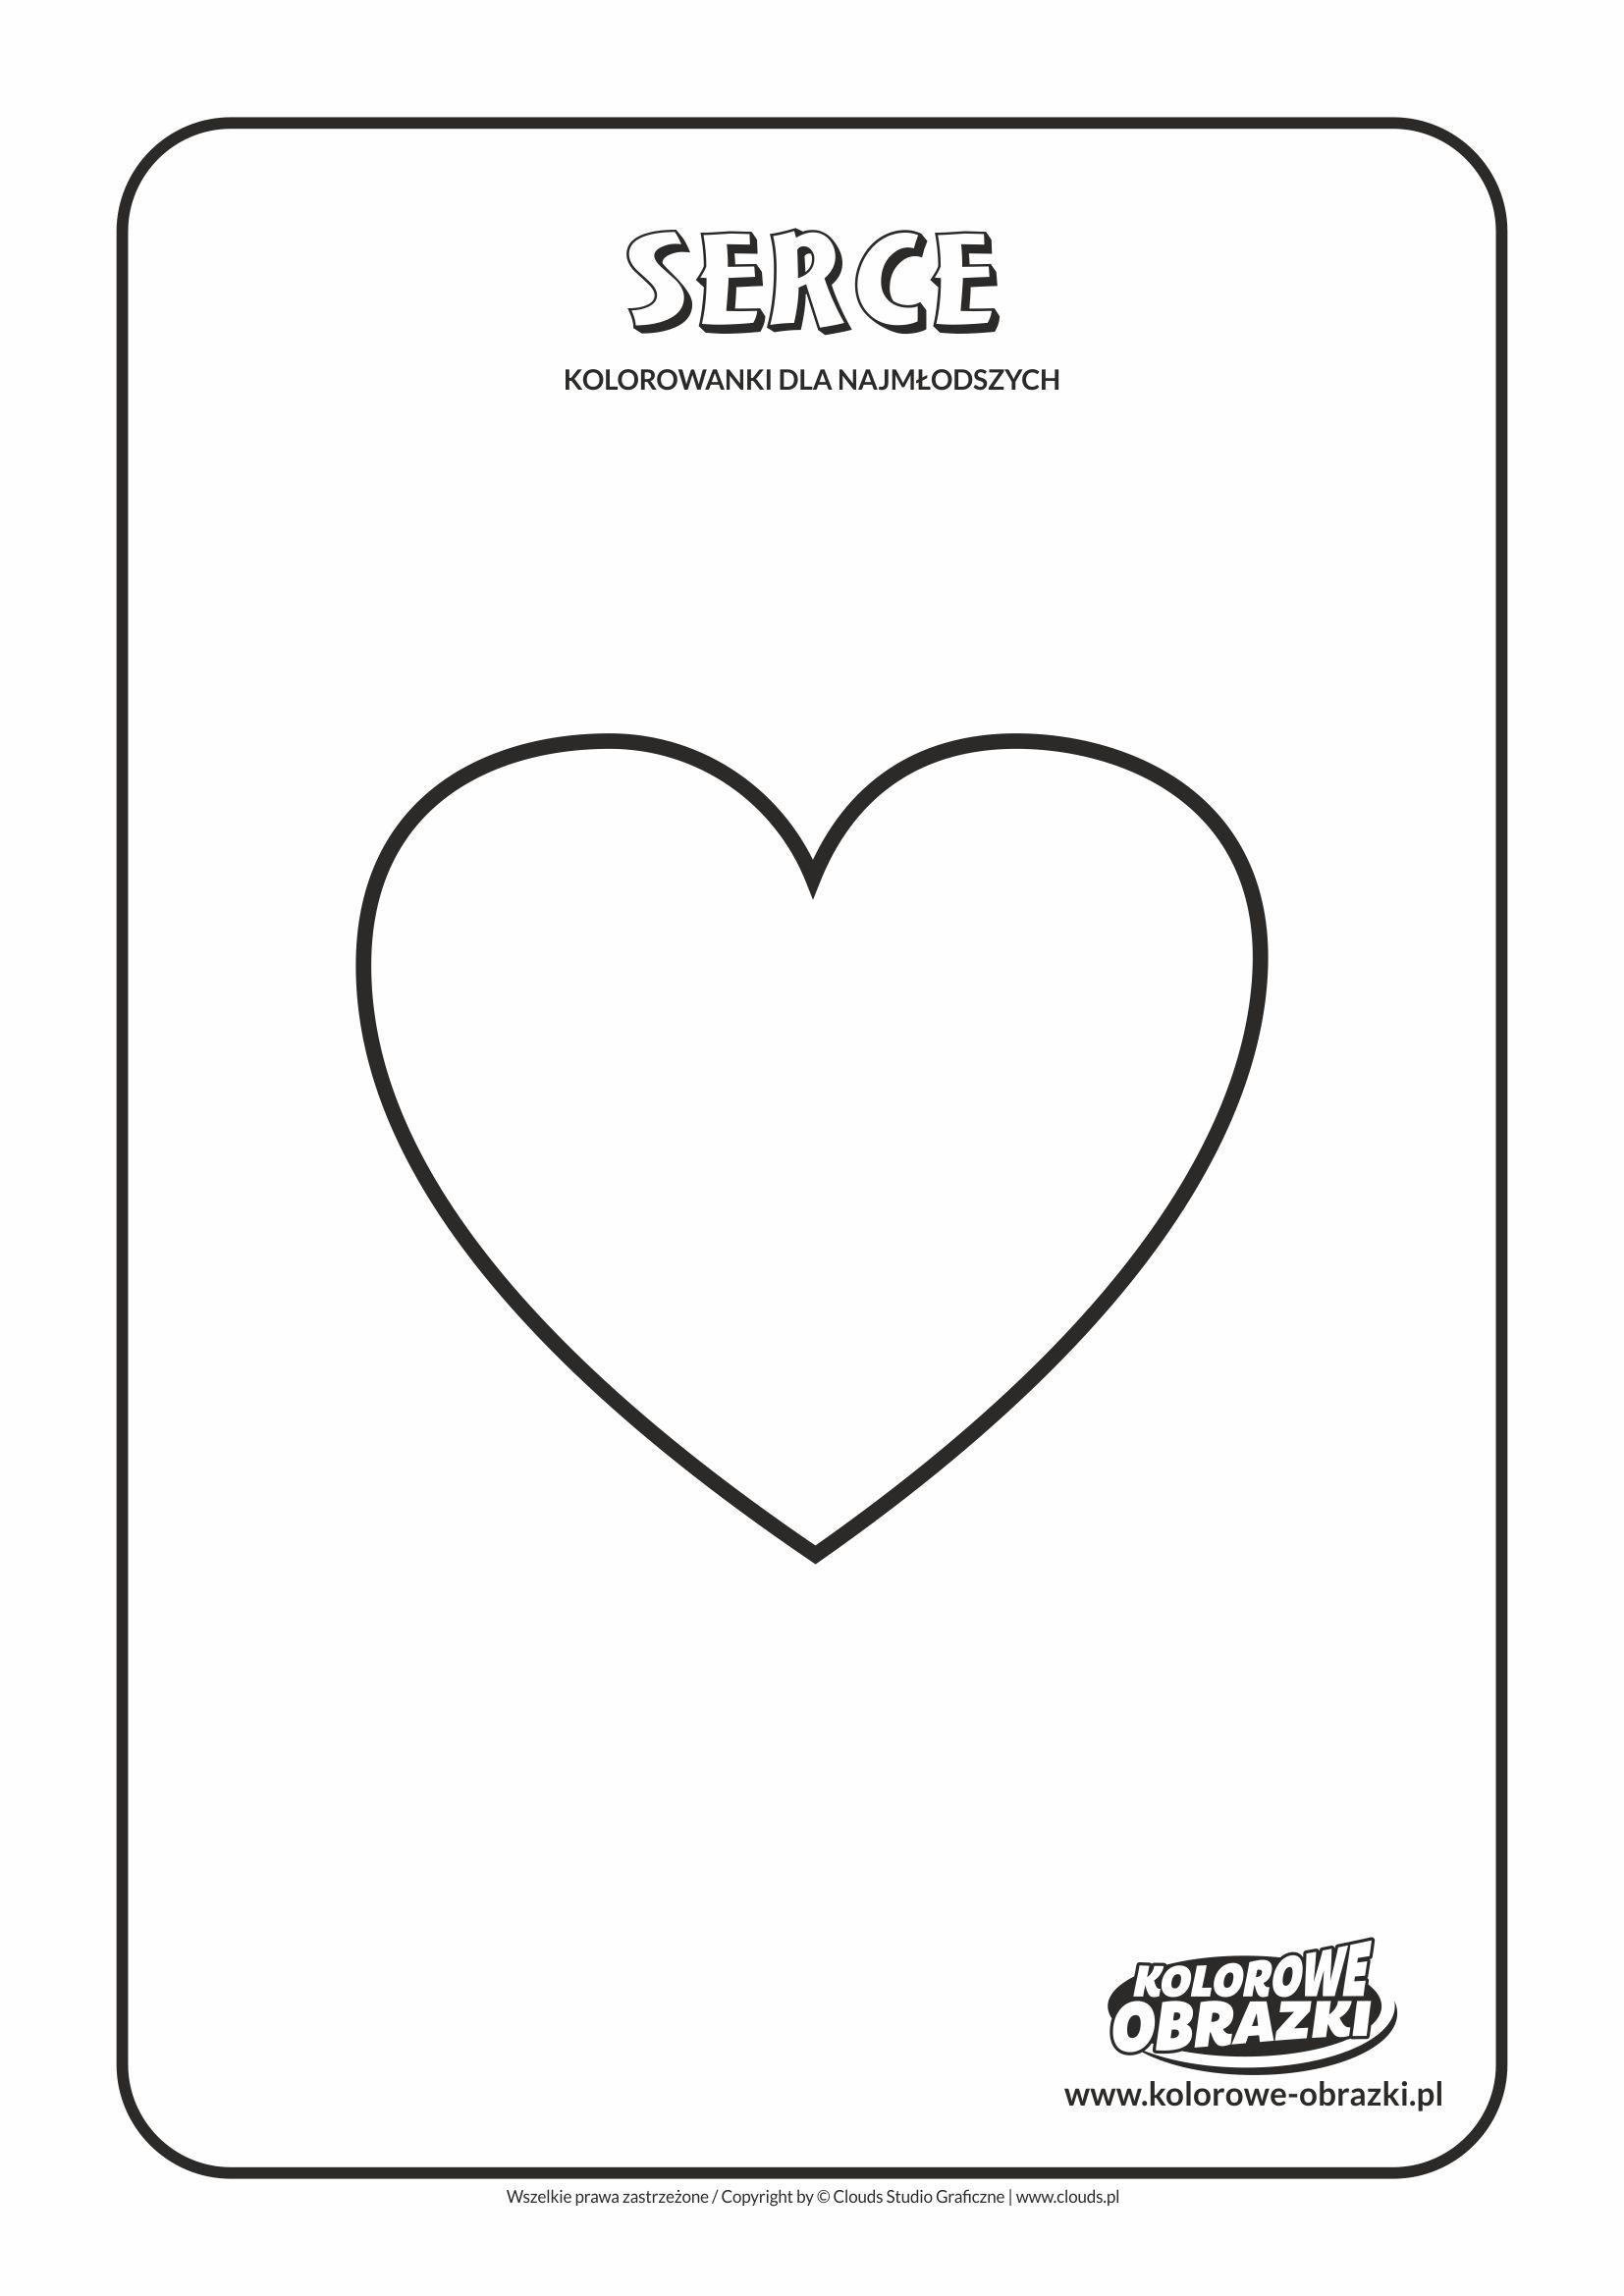 Proste kolorowanki dla najmłodszych - Kształty / Serce. Kolorowanka z sercem